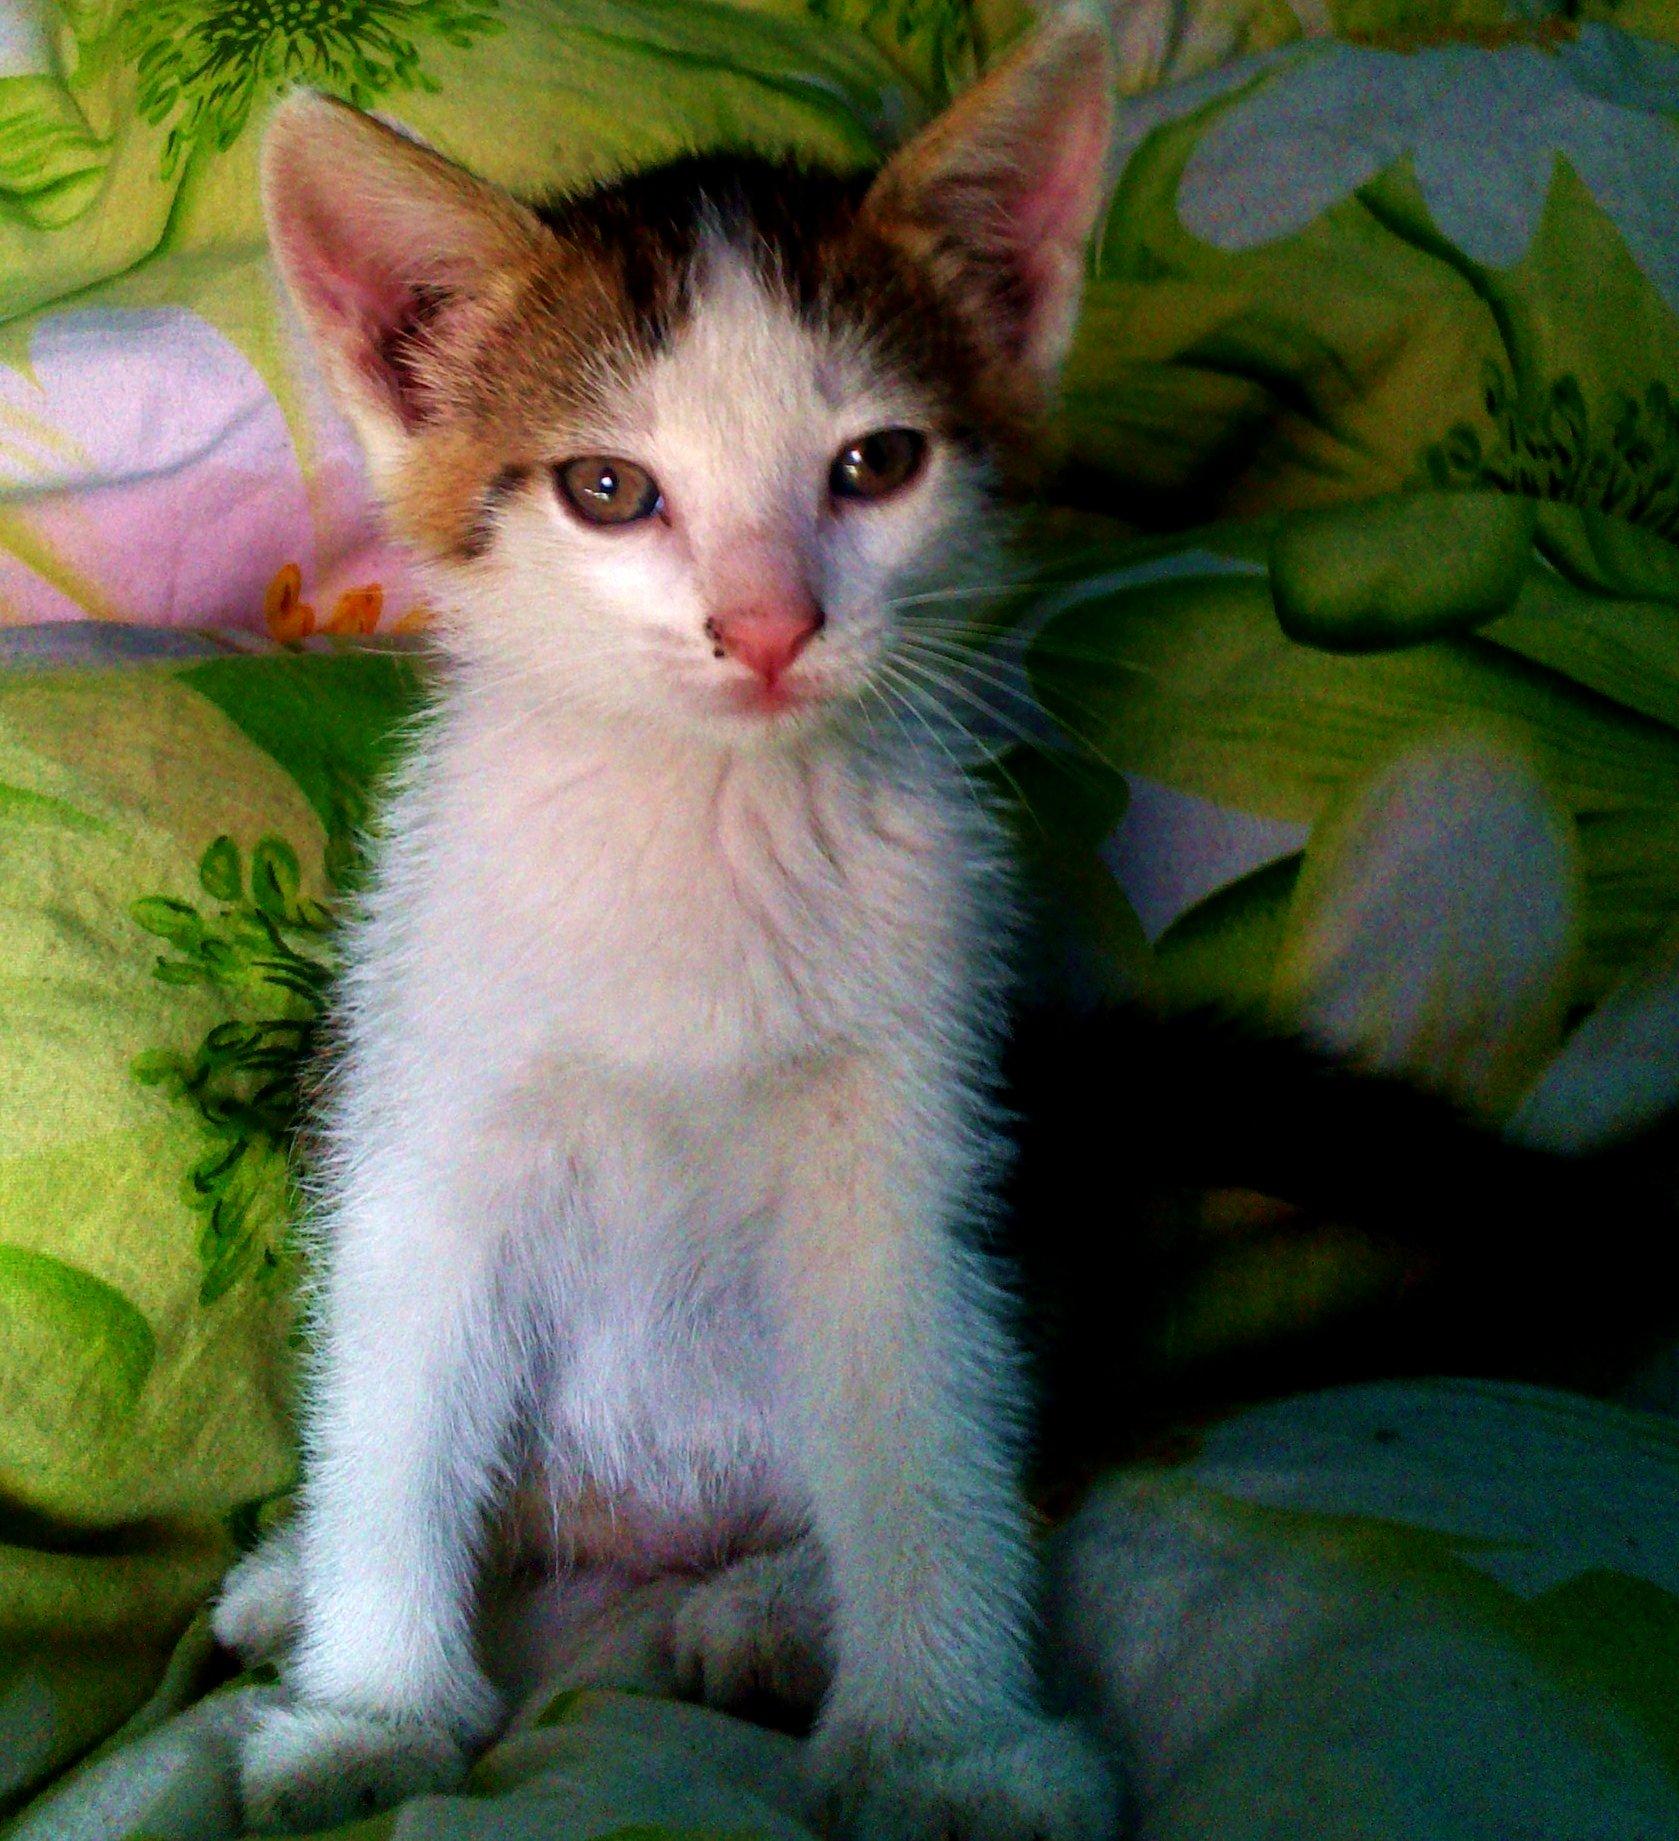 Przesympatyczna półtora miesięczna kotka